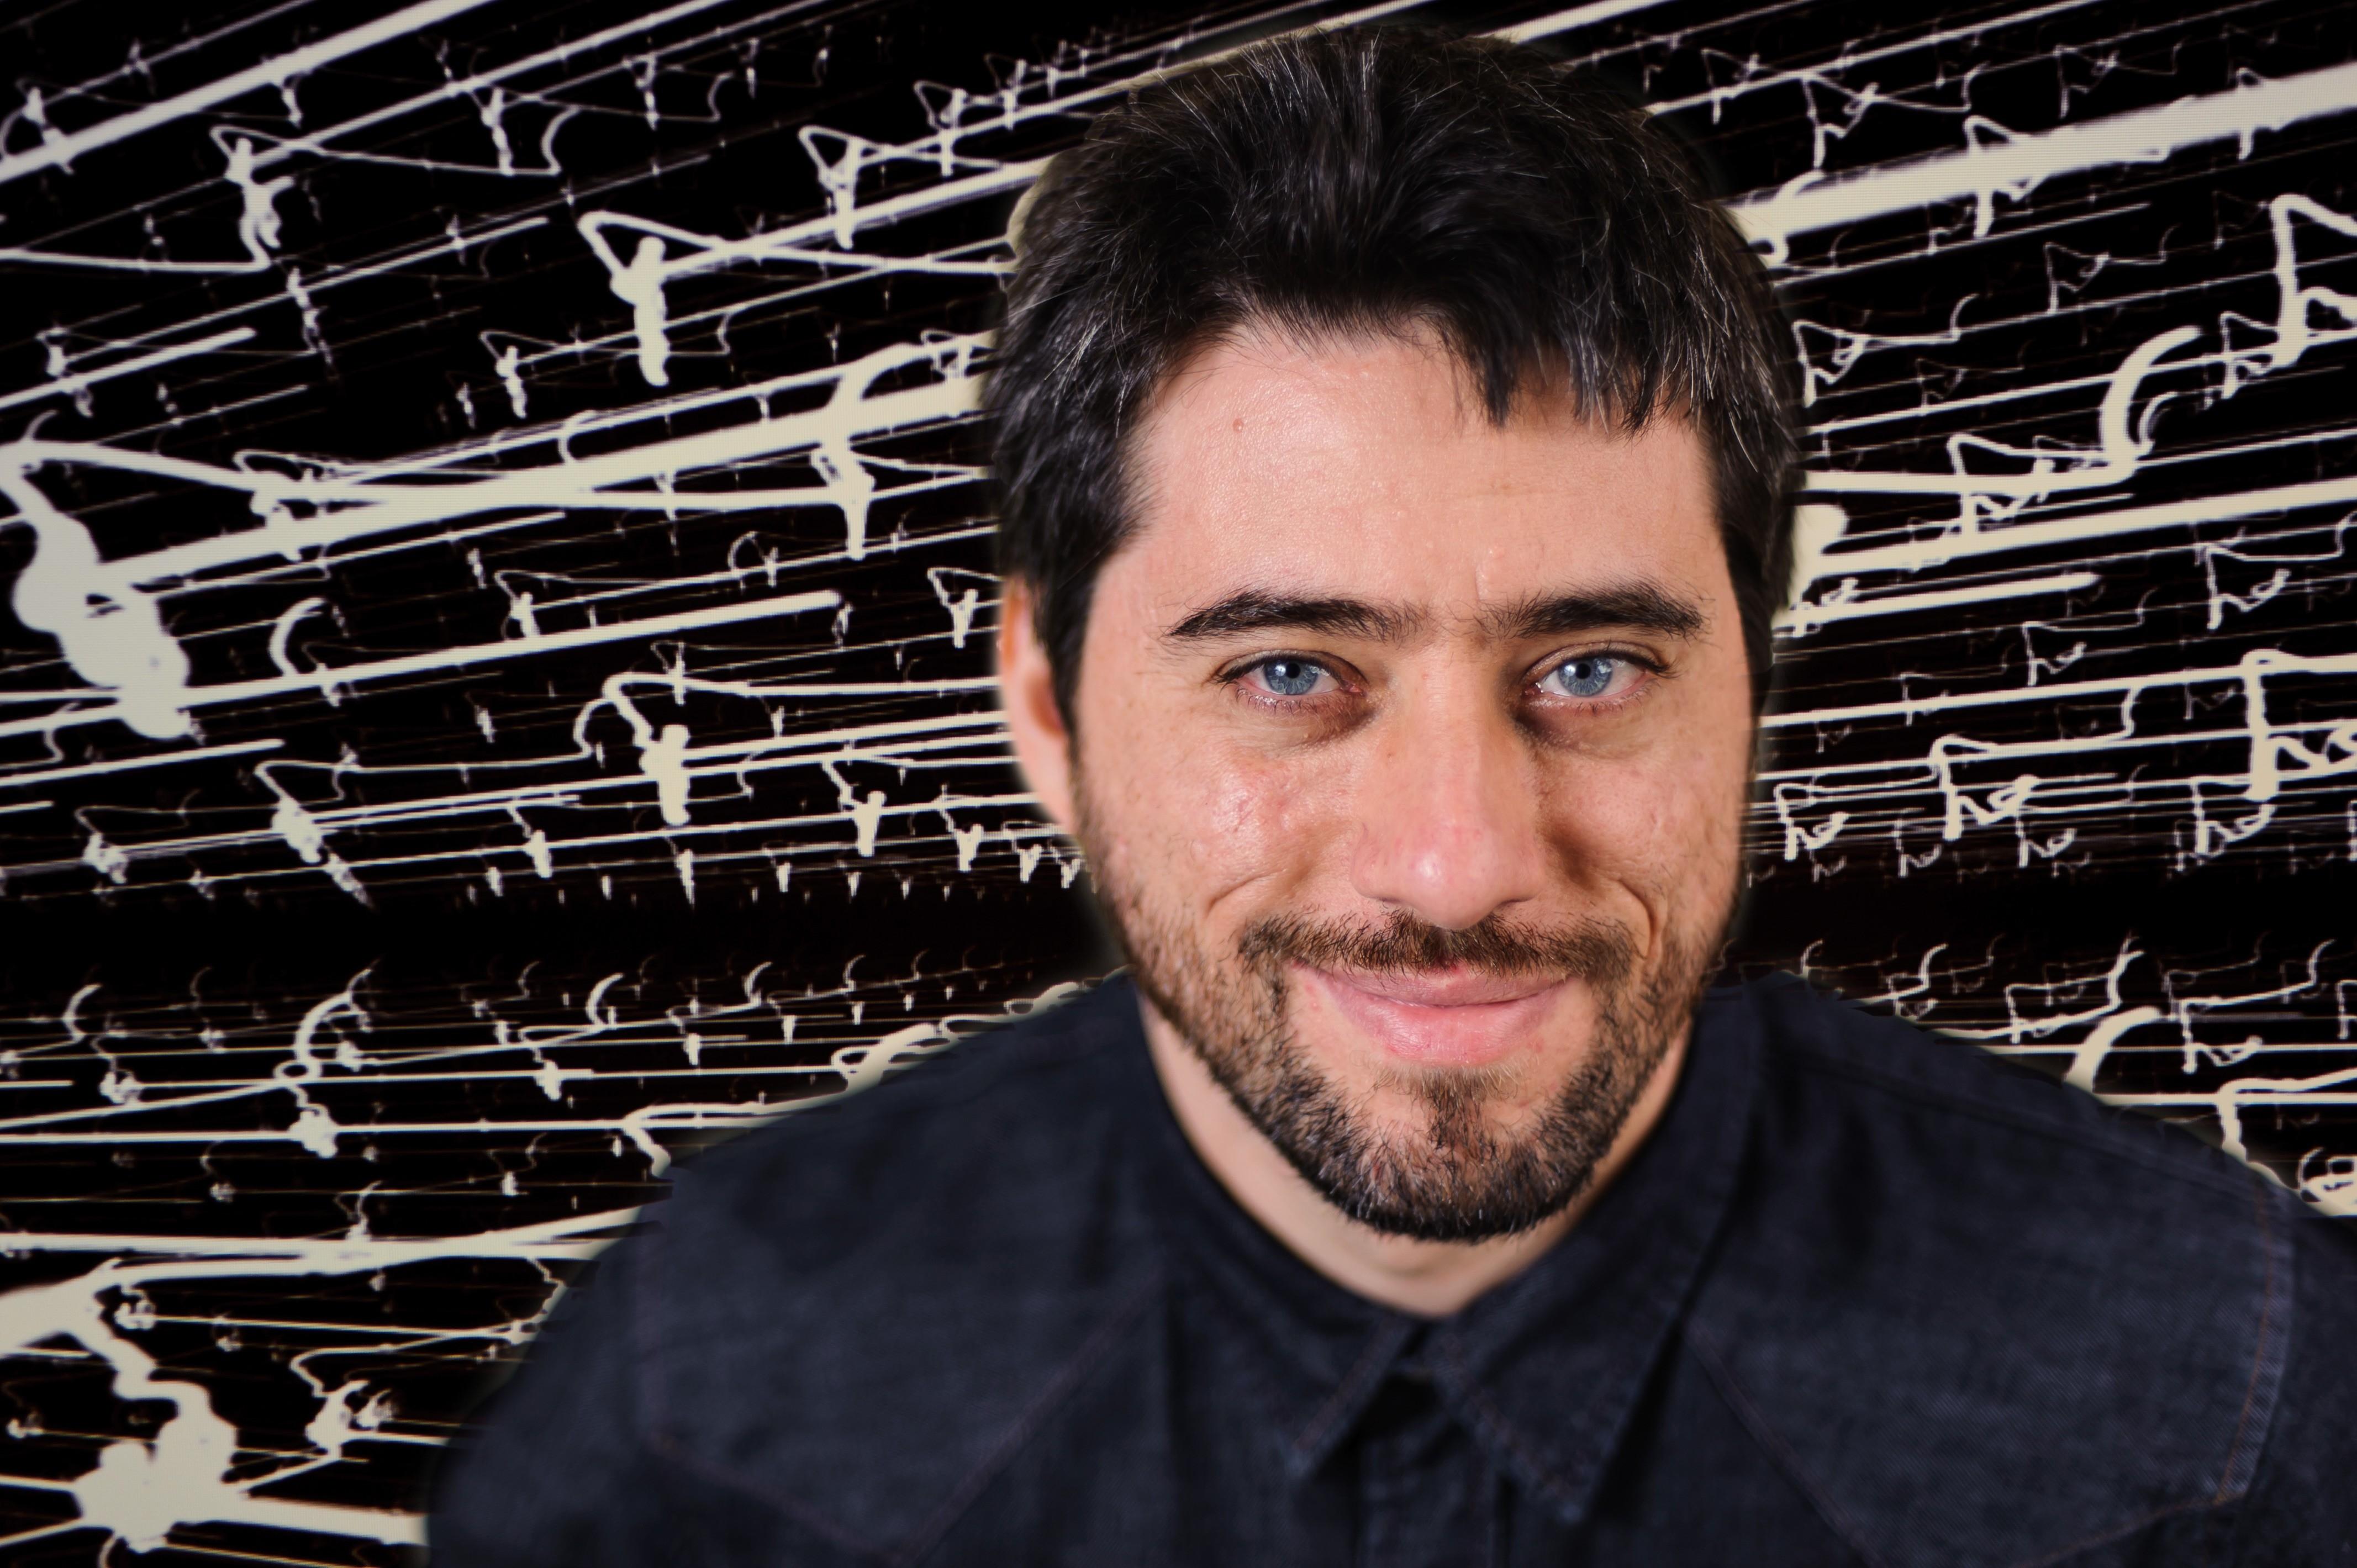 Alberto Continentino segue a rota do jazz latino de João Donato no voo autoral do álbum instrumental 'Ultraleve'